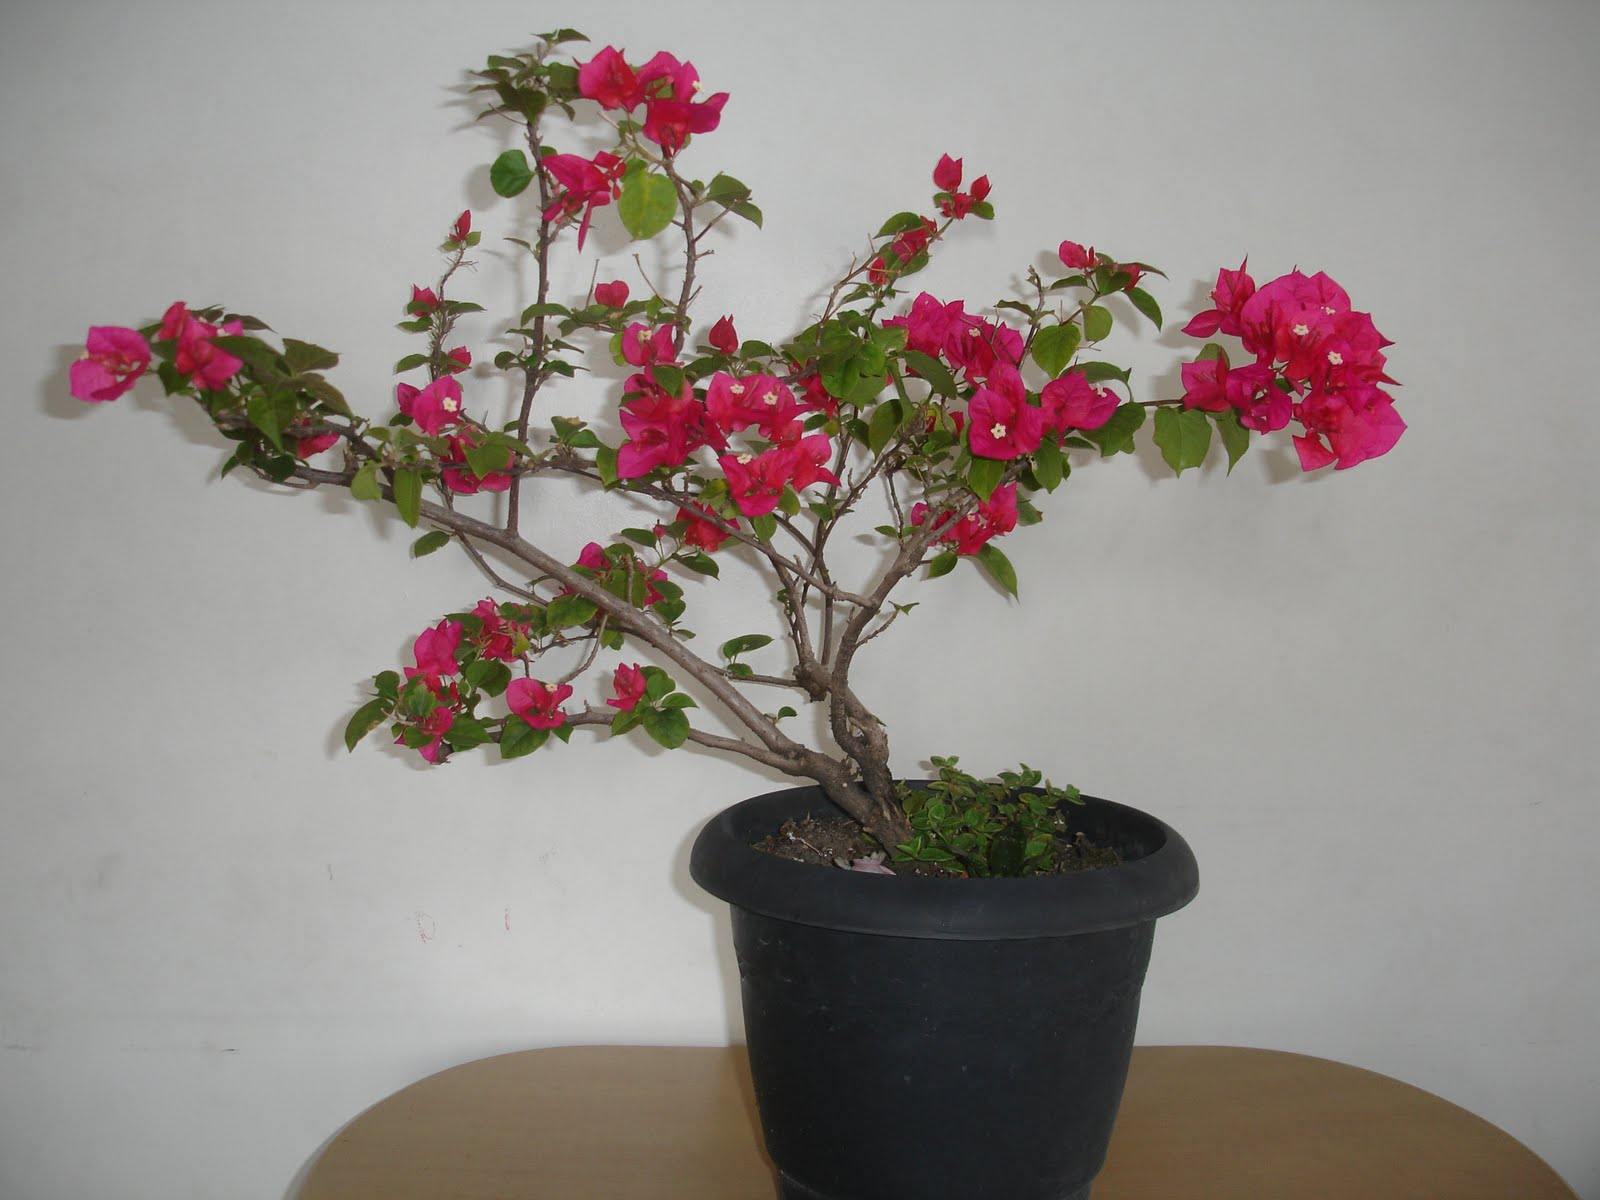 manaca de jardim em vaso : manaca de jardim em vaso:Flor e Arte Decor: Vamos plantar? Primaveras em vaso